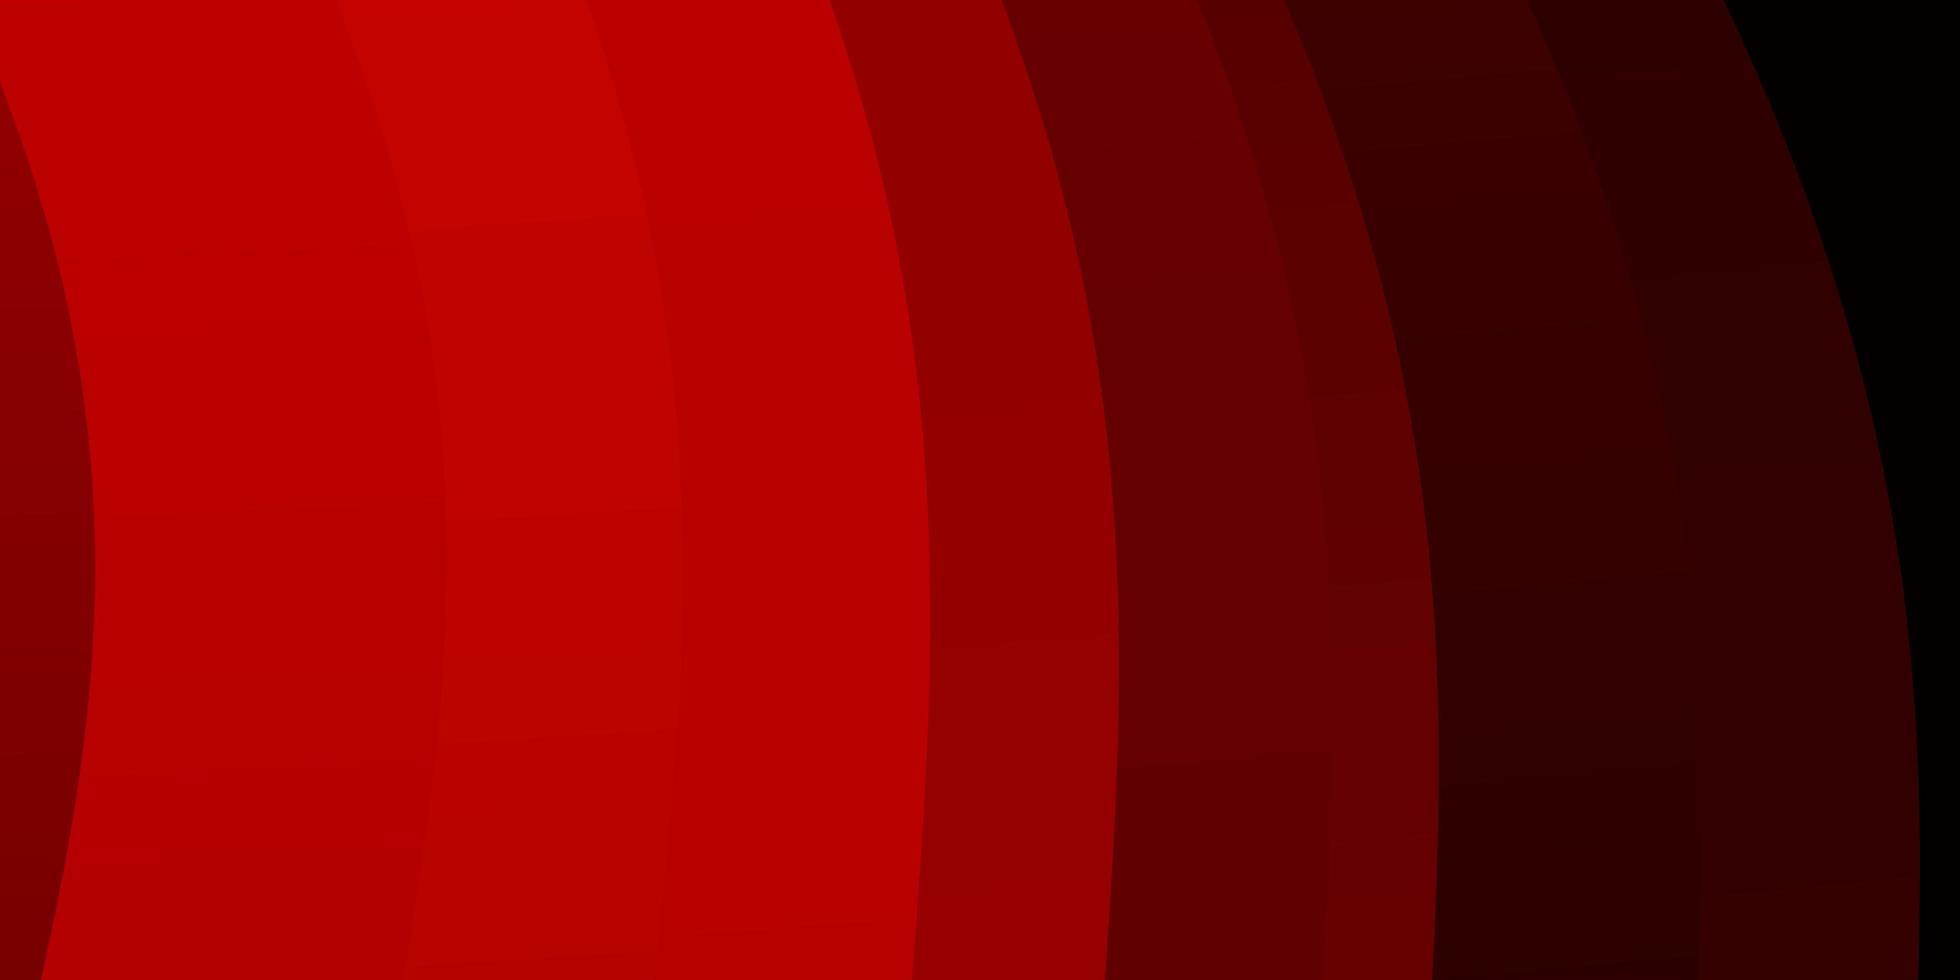 lichtrood vectorpatroon met gebogen lijnen. vector